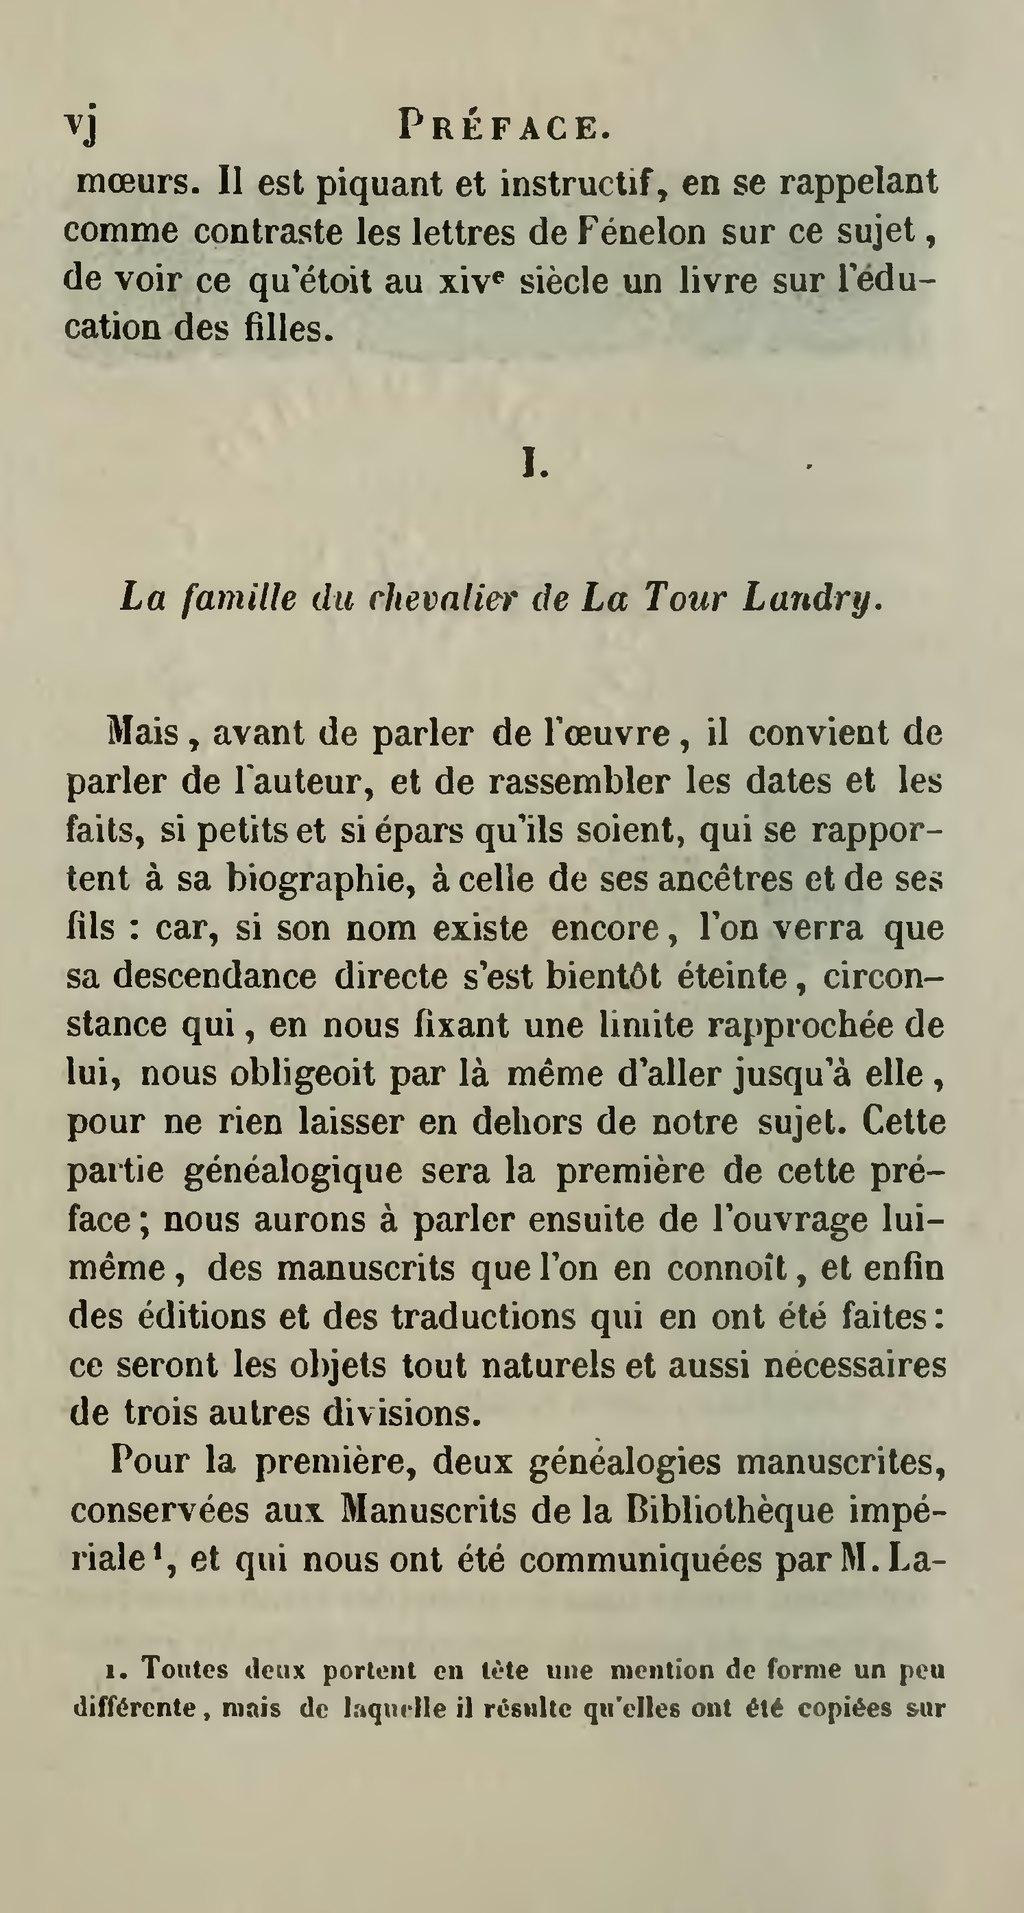 Page livre du chevalier de la tour wikisource for Garage ad la tourlandry